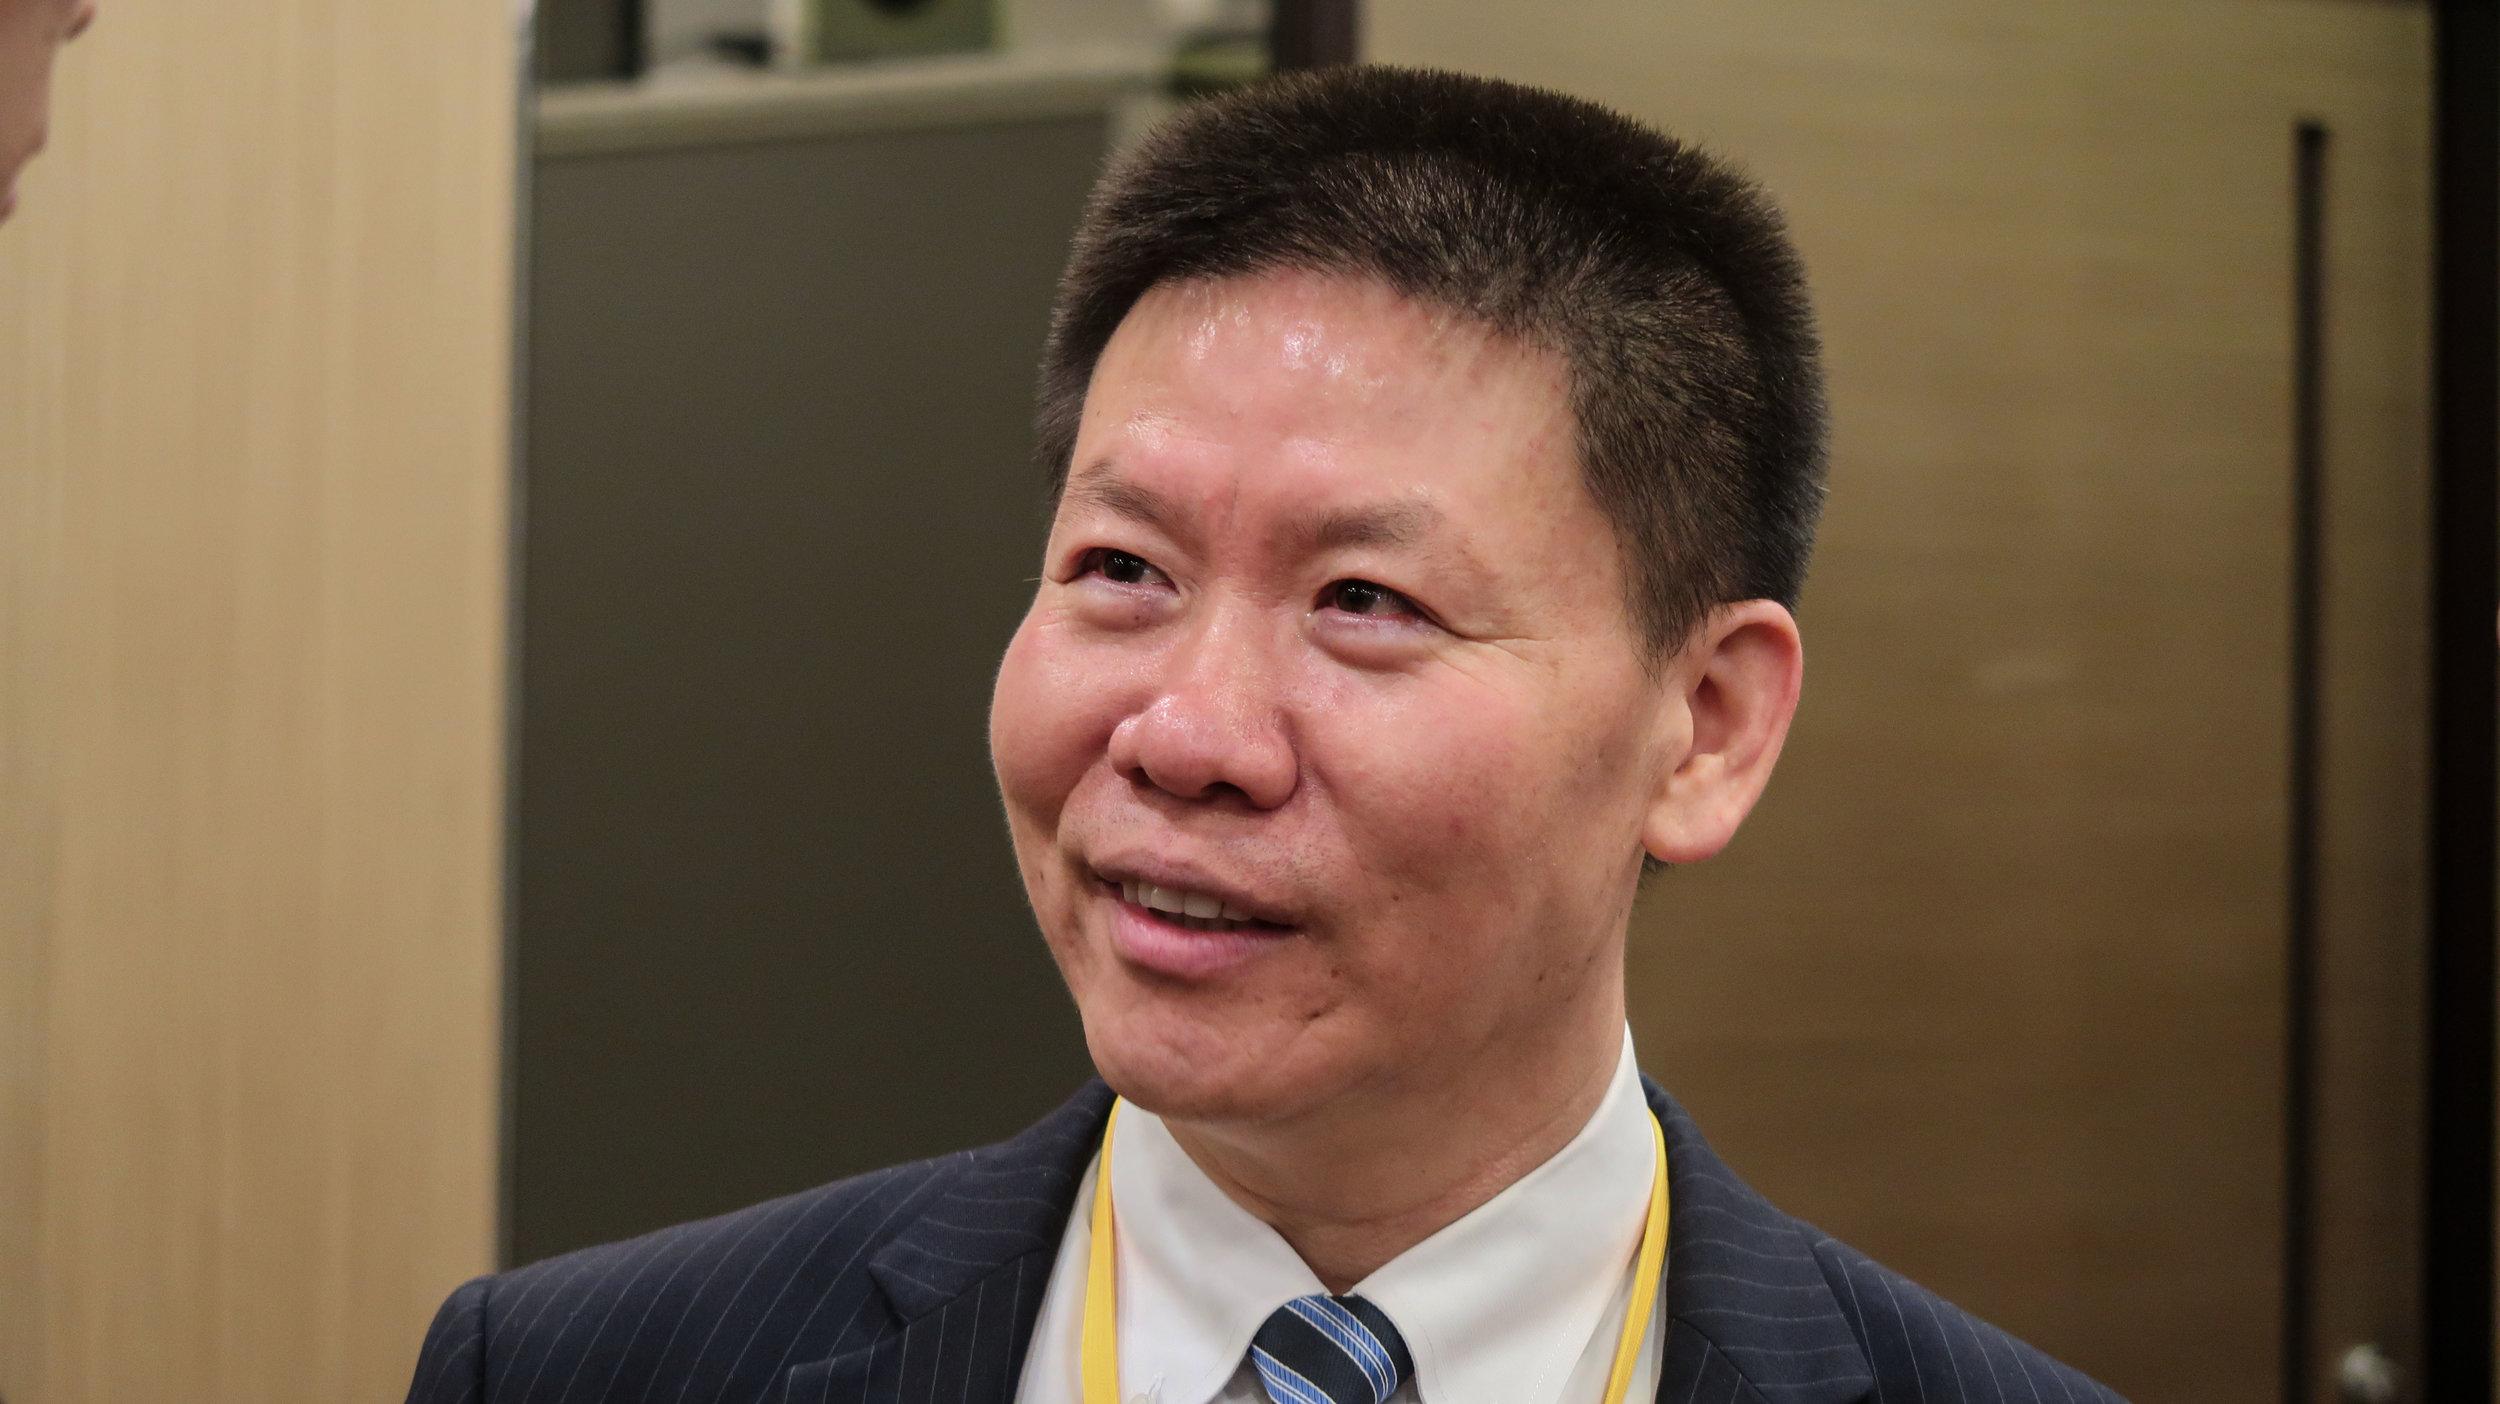 美國應對中國當前危機委員會委員傅希秋表示,民運人士封從德入境香港就被人帶走,已顯示香港開始法西斯化。攝:國際中心/眾報